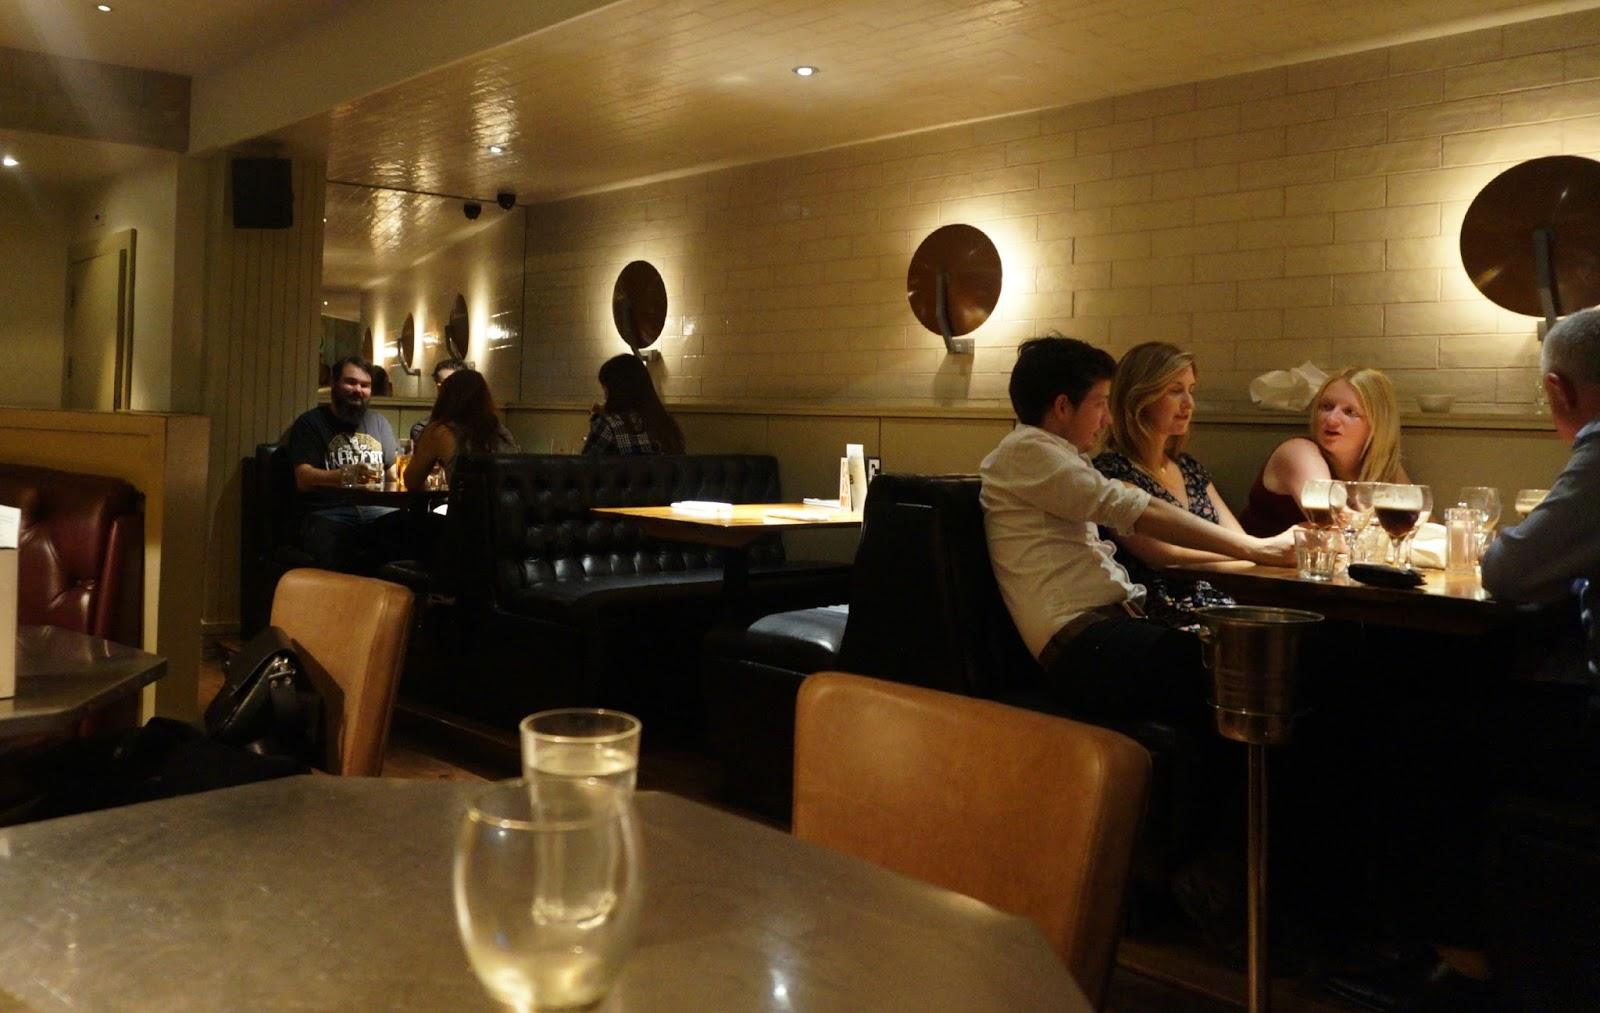 inside steak restaurant